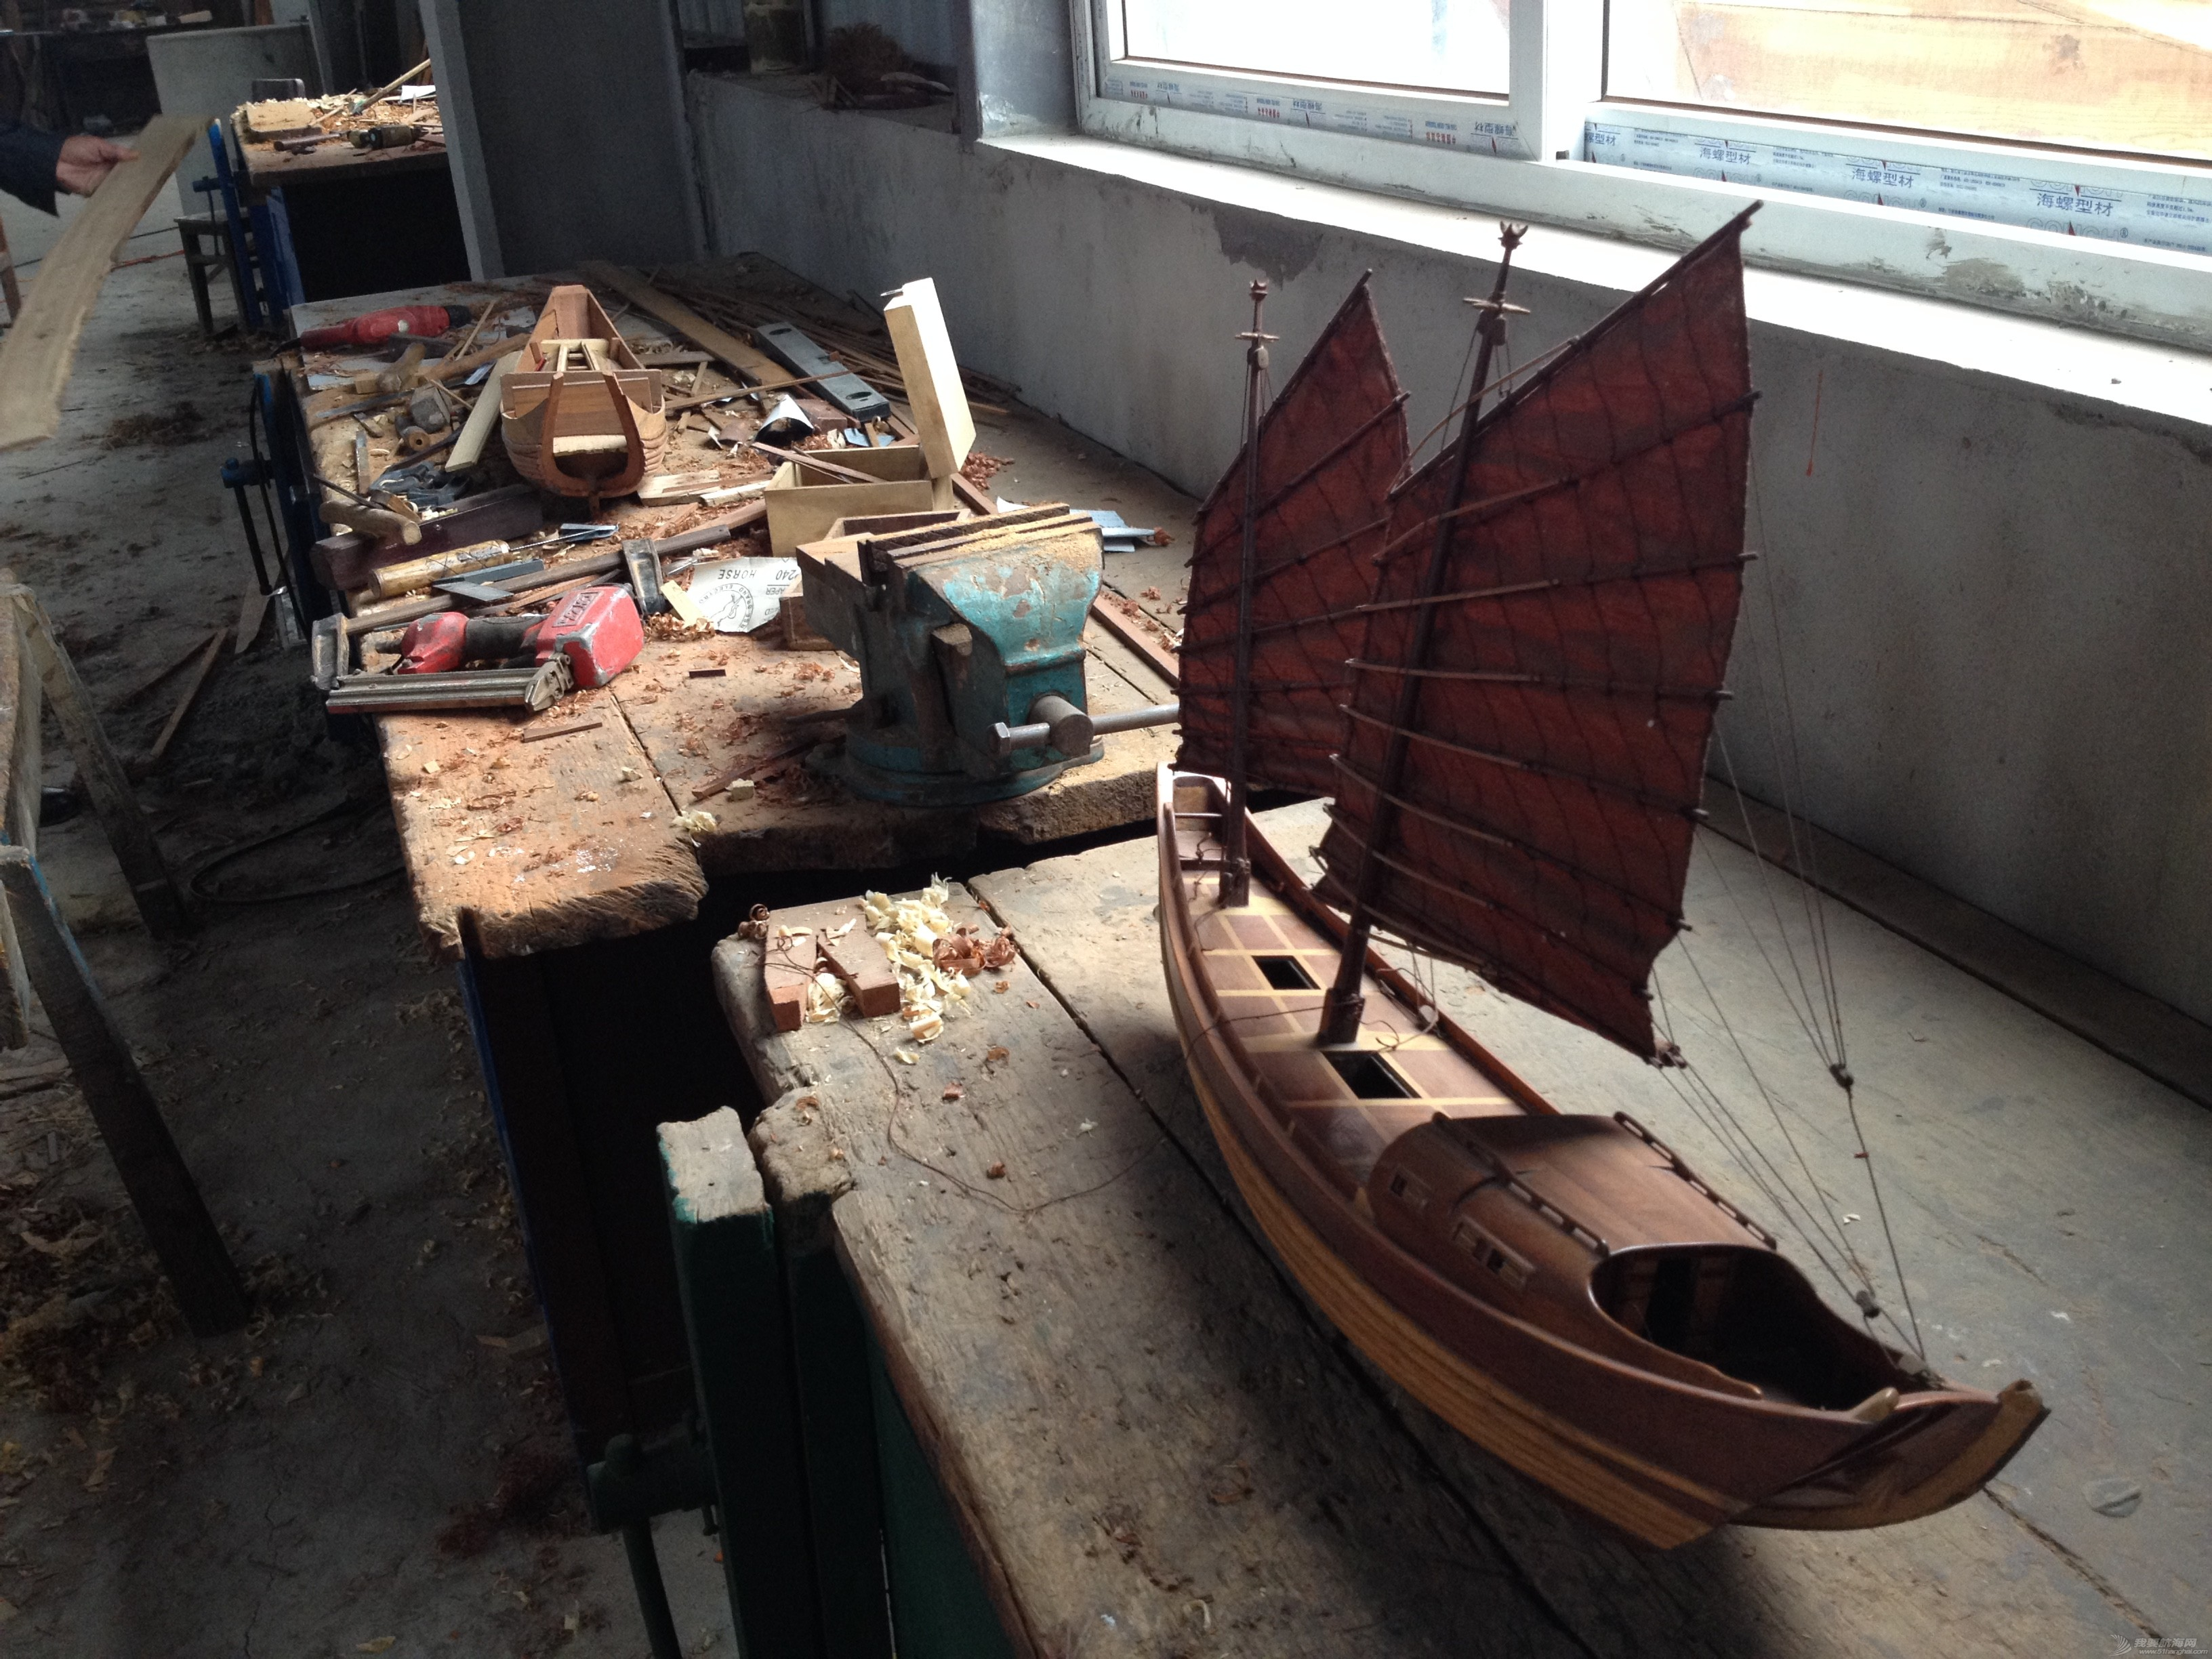 中式风格,交通运输,造船厂,朱家尖,对抗赛 全球首次中式帆船比赛可能会在舟山举行 IMG_7892.JPG